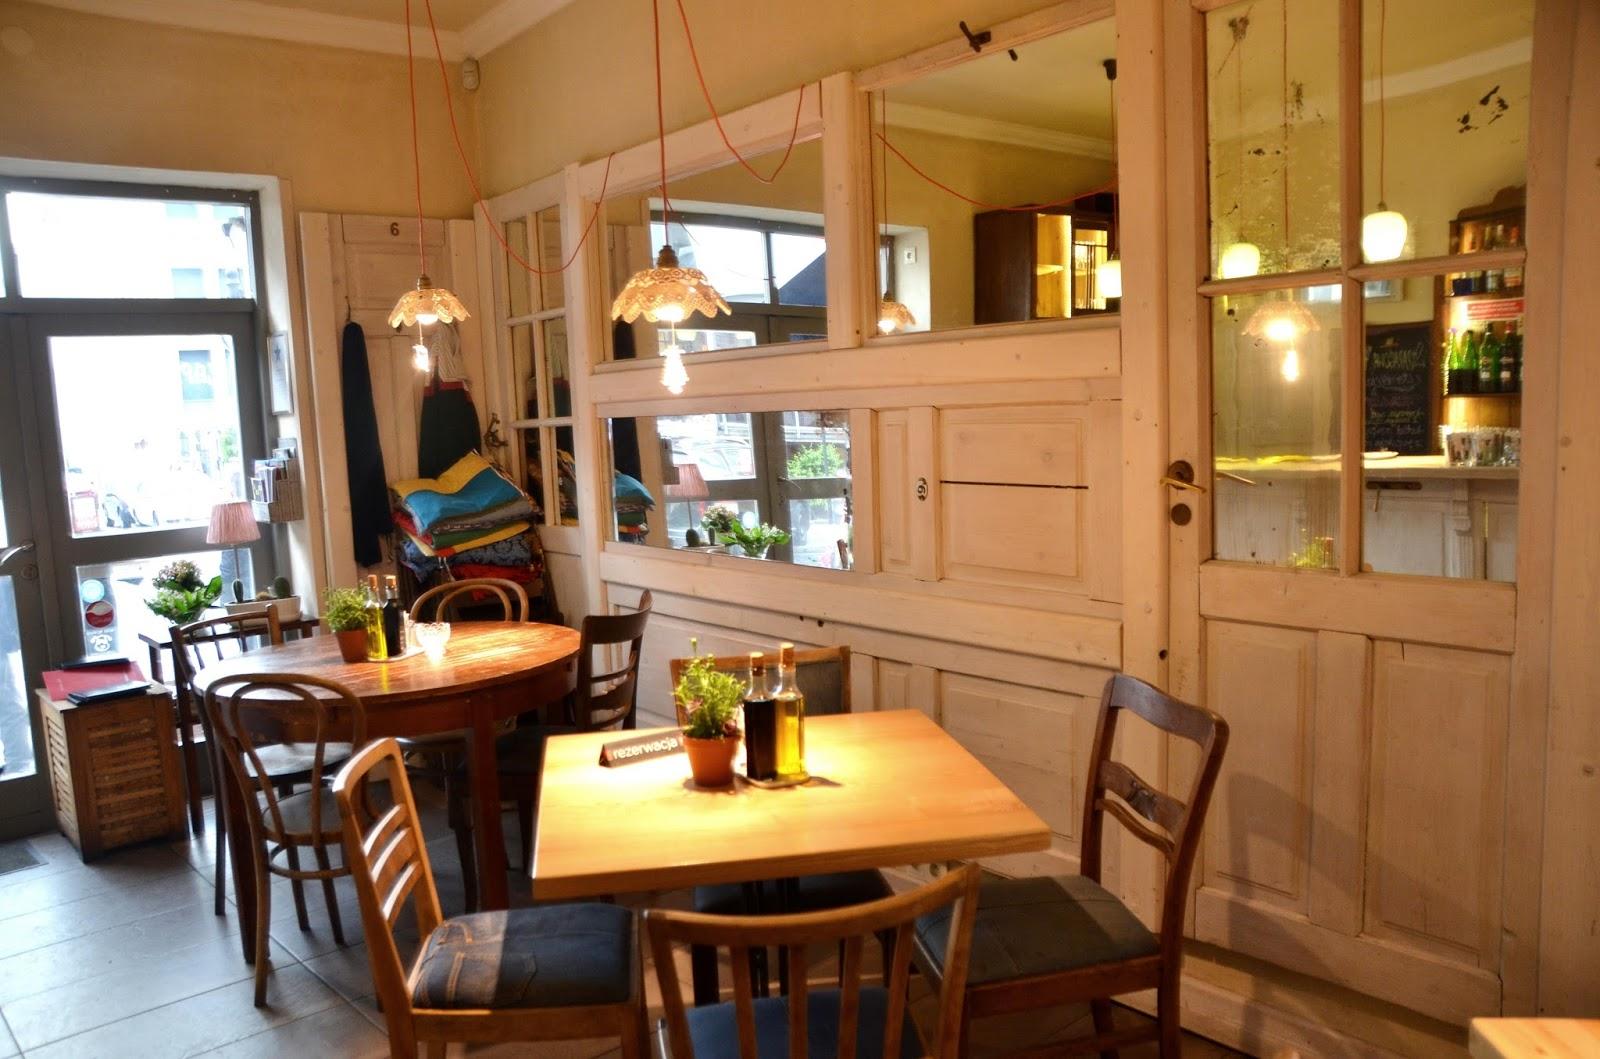 Restauracja duży pokój w Krakowie